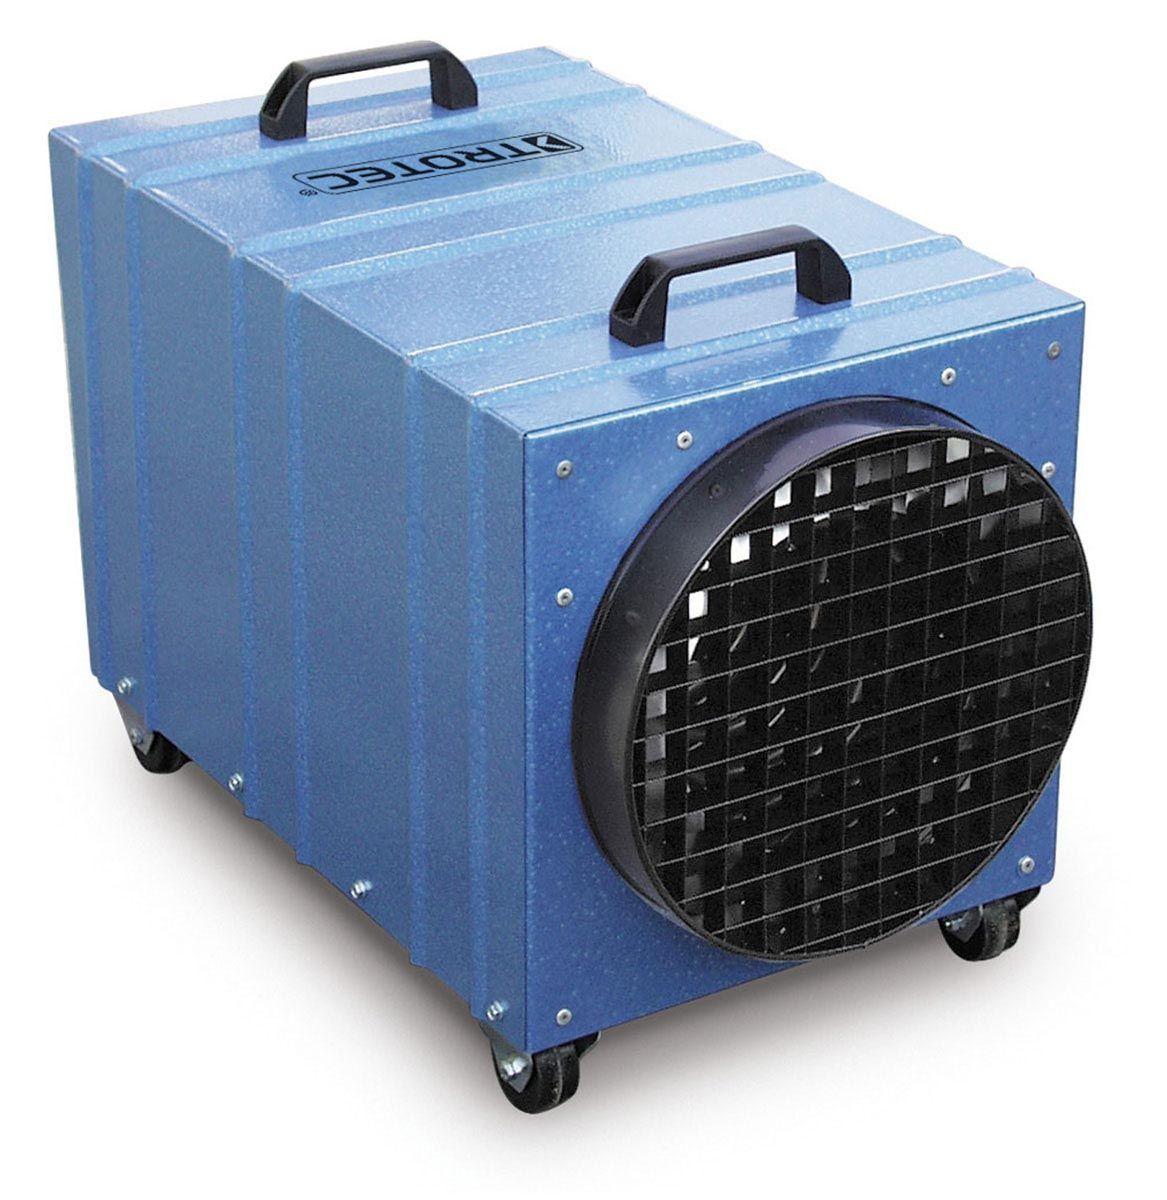 Chauffage électrique professionnel, TDE 65, bleu/noir, 400 V, 6-9-12 kW, 600 m3/h